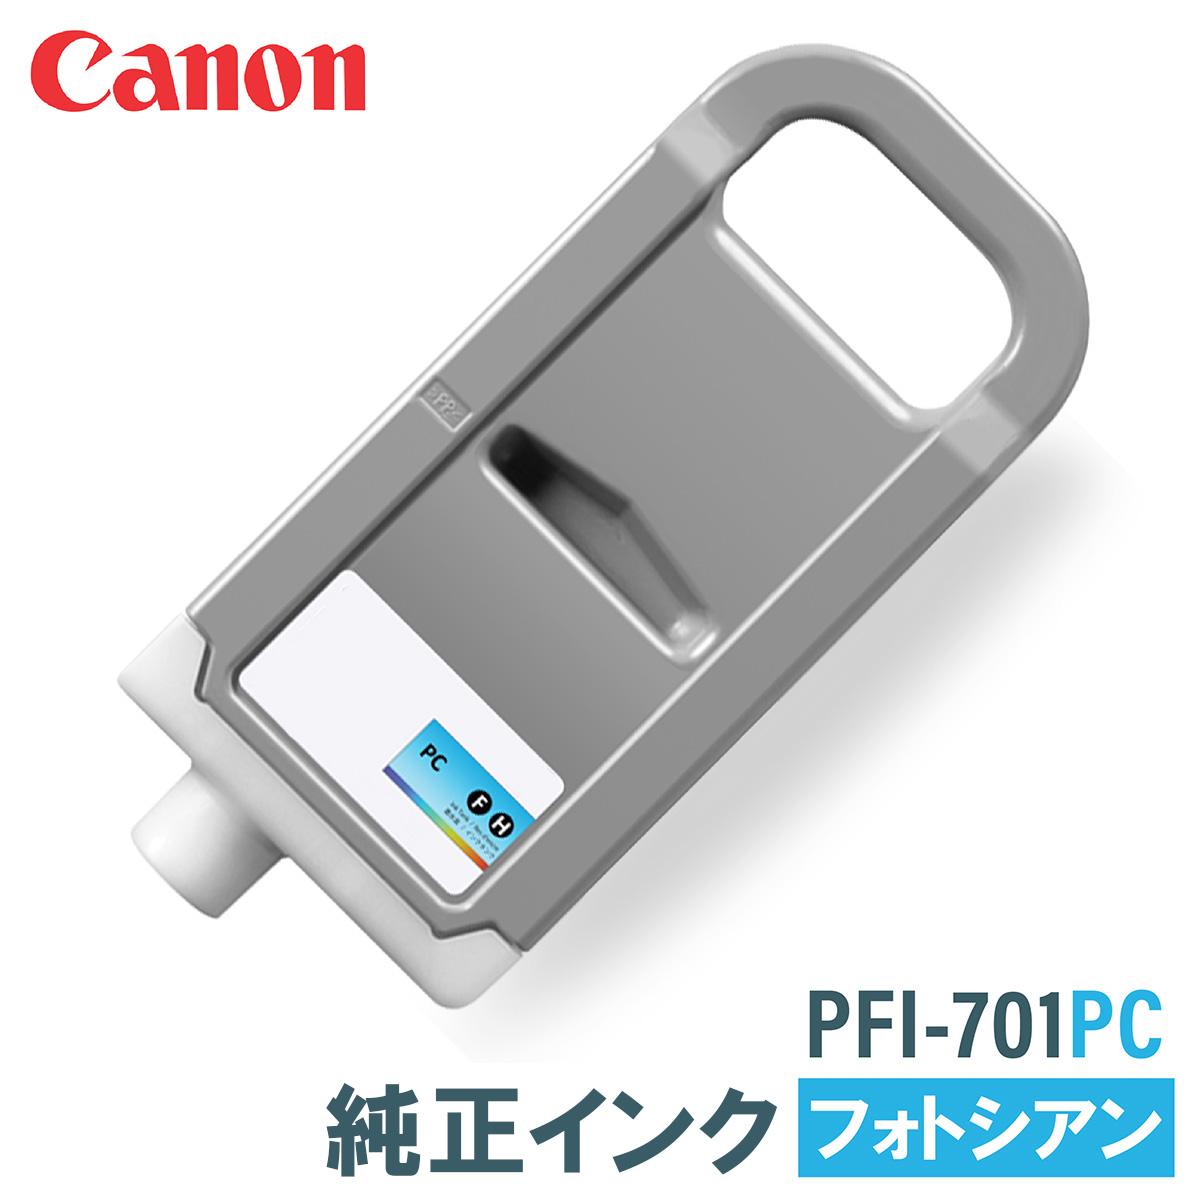 キヤノン 純正インク CANON PFI-701PC フォトシアン 700ml